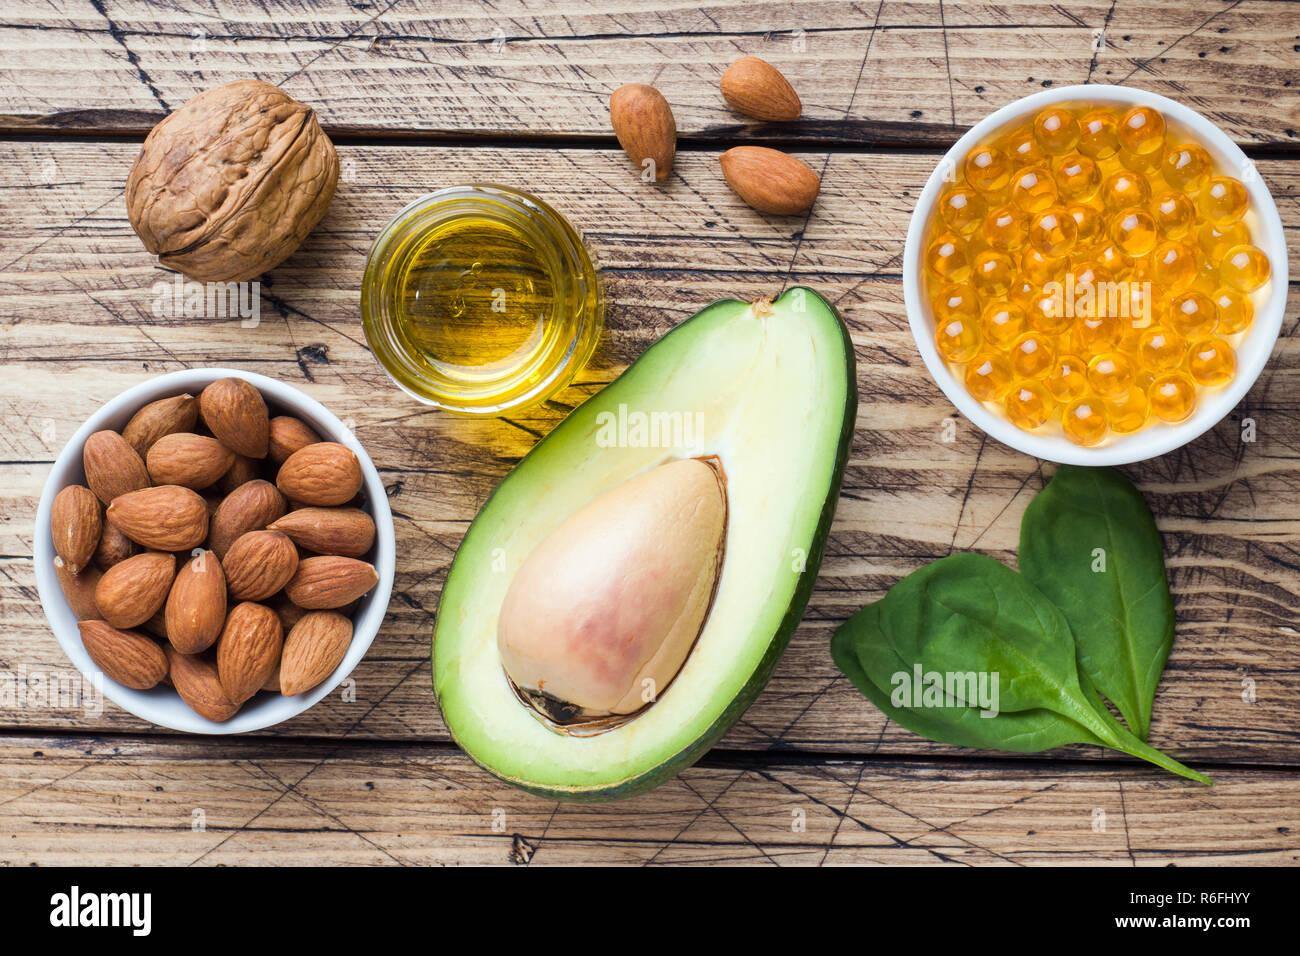 Concetto di alimenti sani prodotti antiossidante di avocado, dadi e olio di pesce, pompelmo su sfondo di legno Immagini Stock